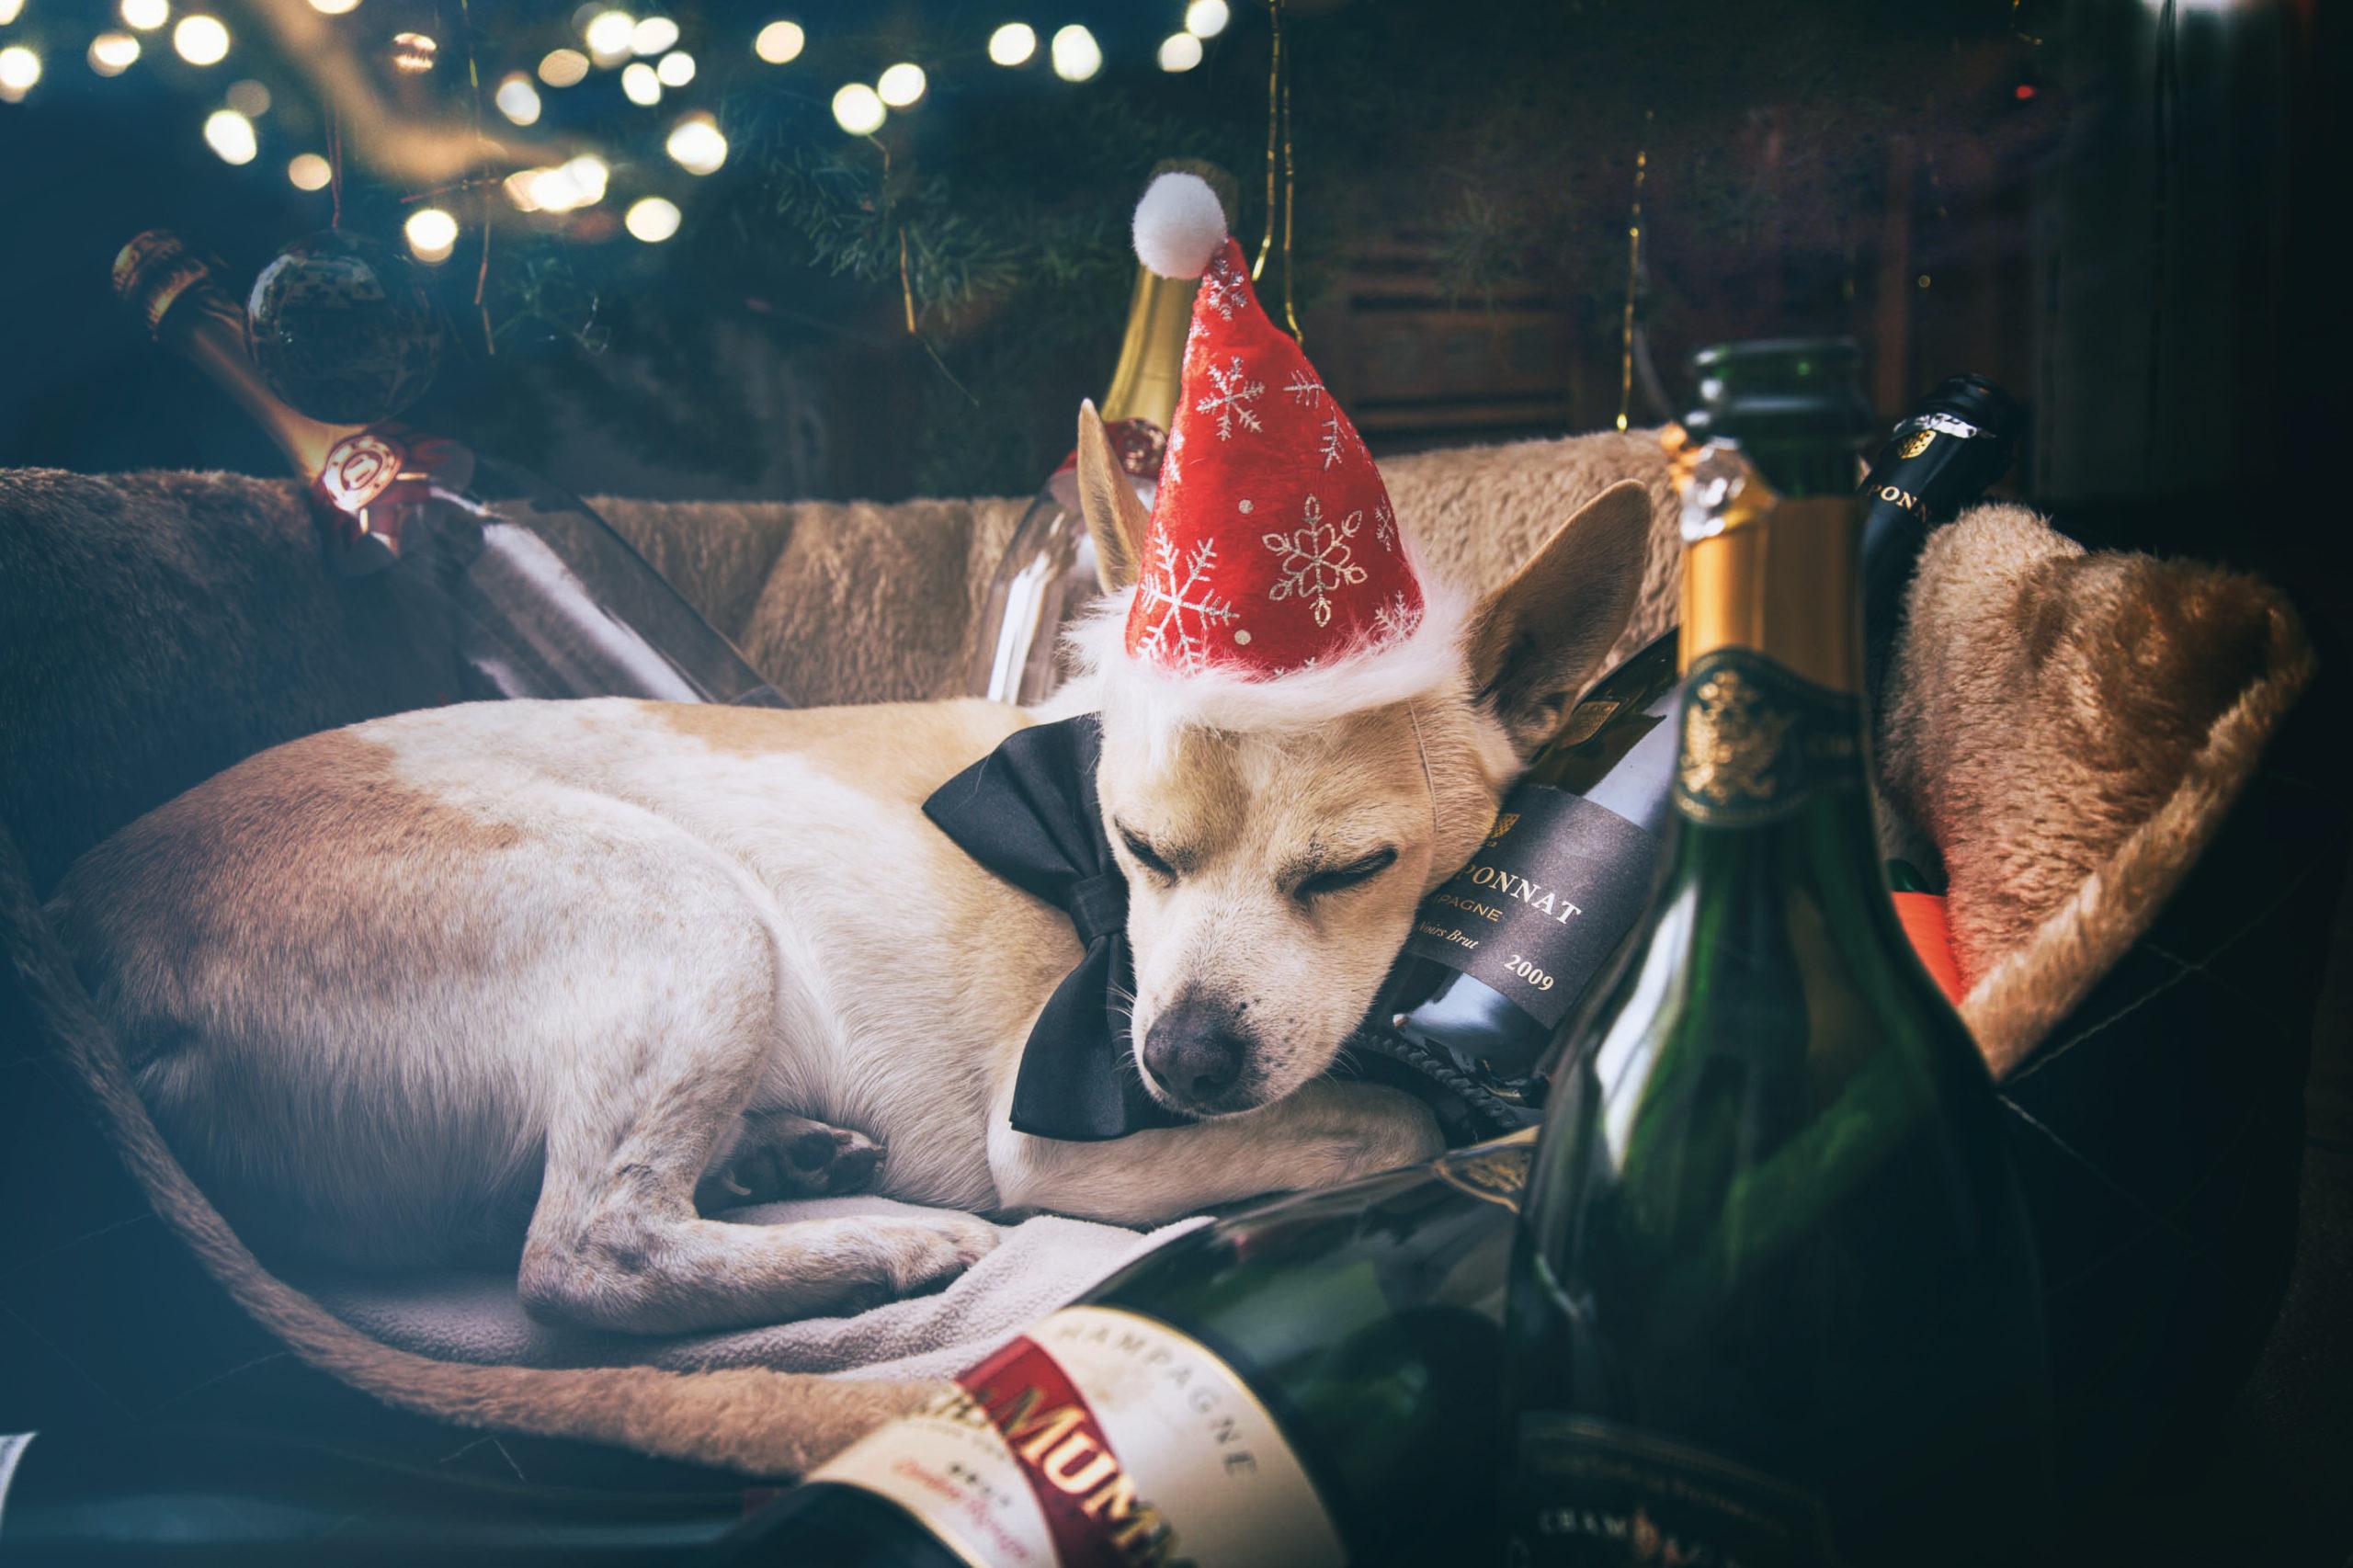 Photographe animal de compagnie, chien, noël